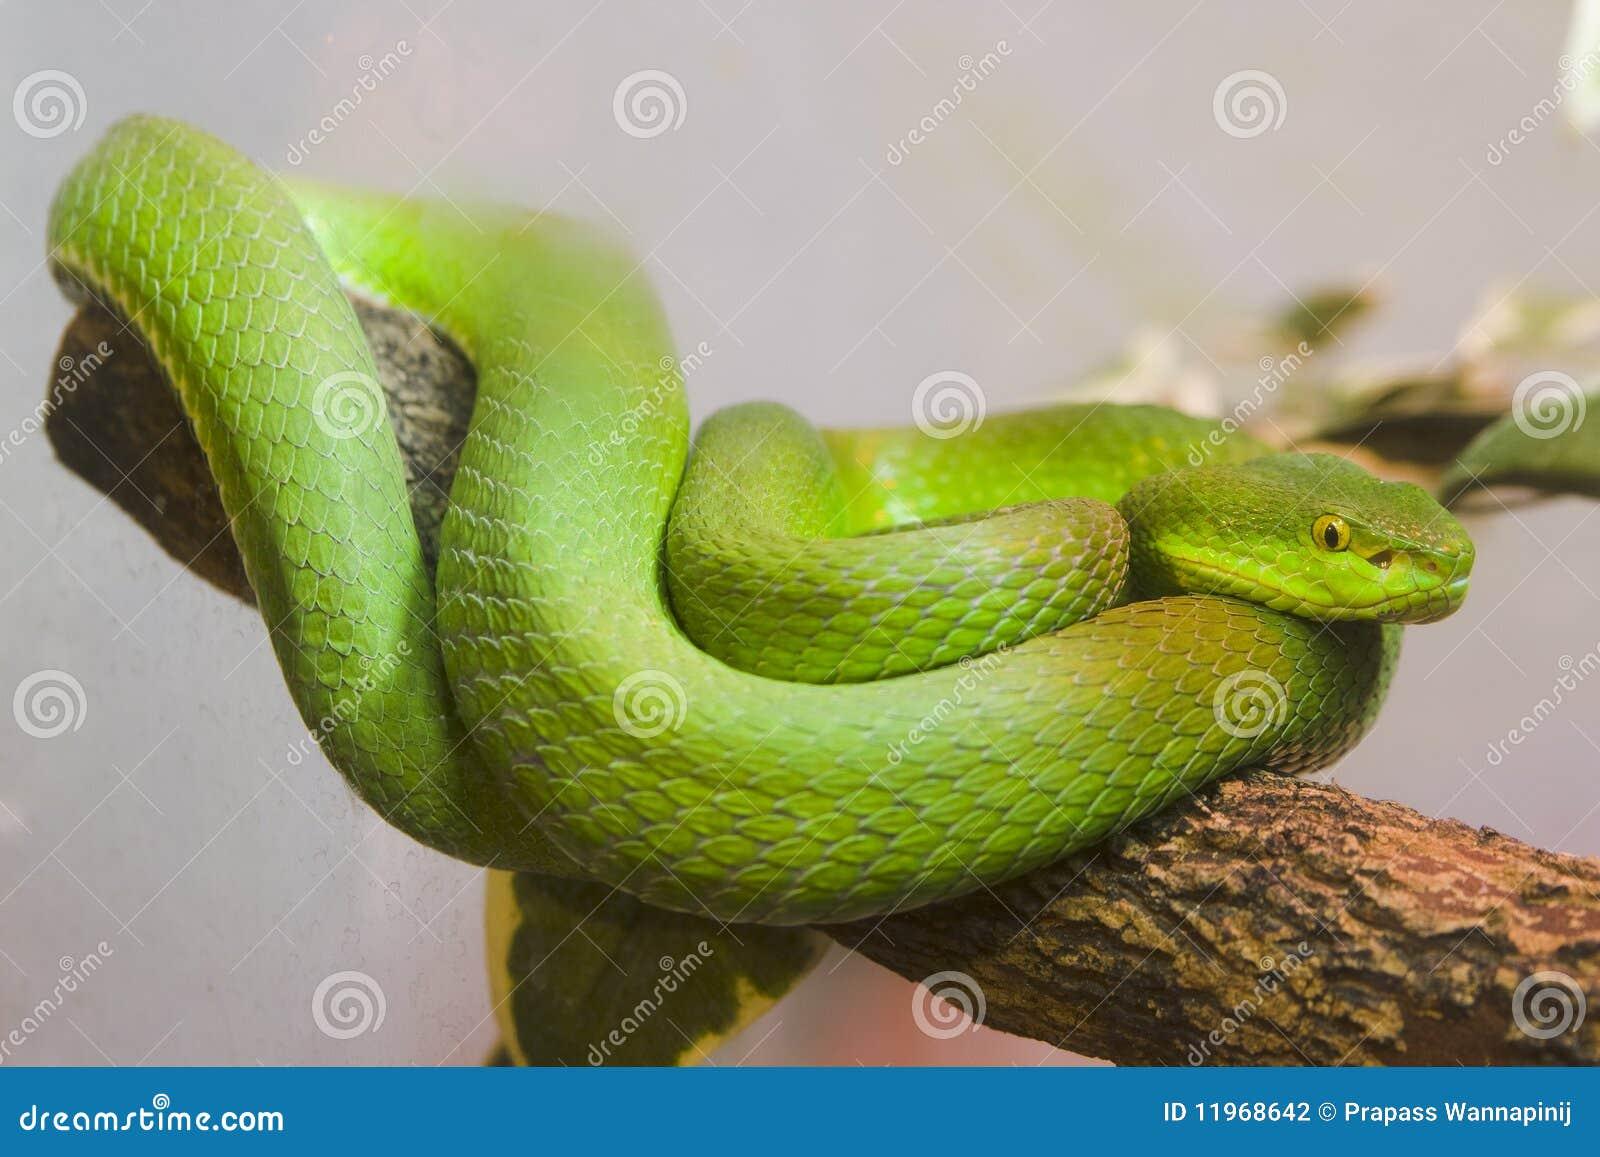 Cazador de serpientes serpiente por la vagina - 2 part 5